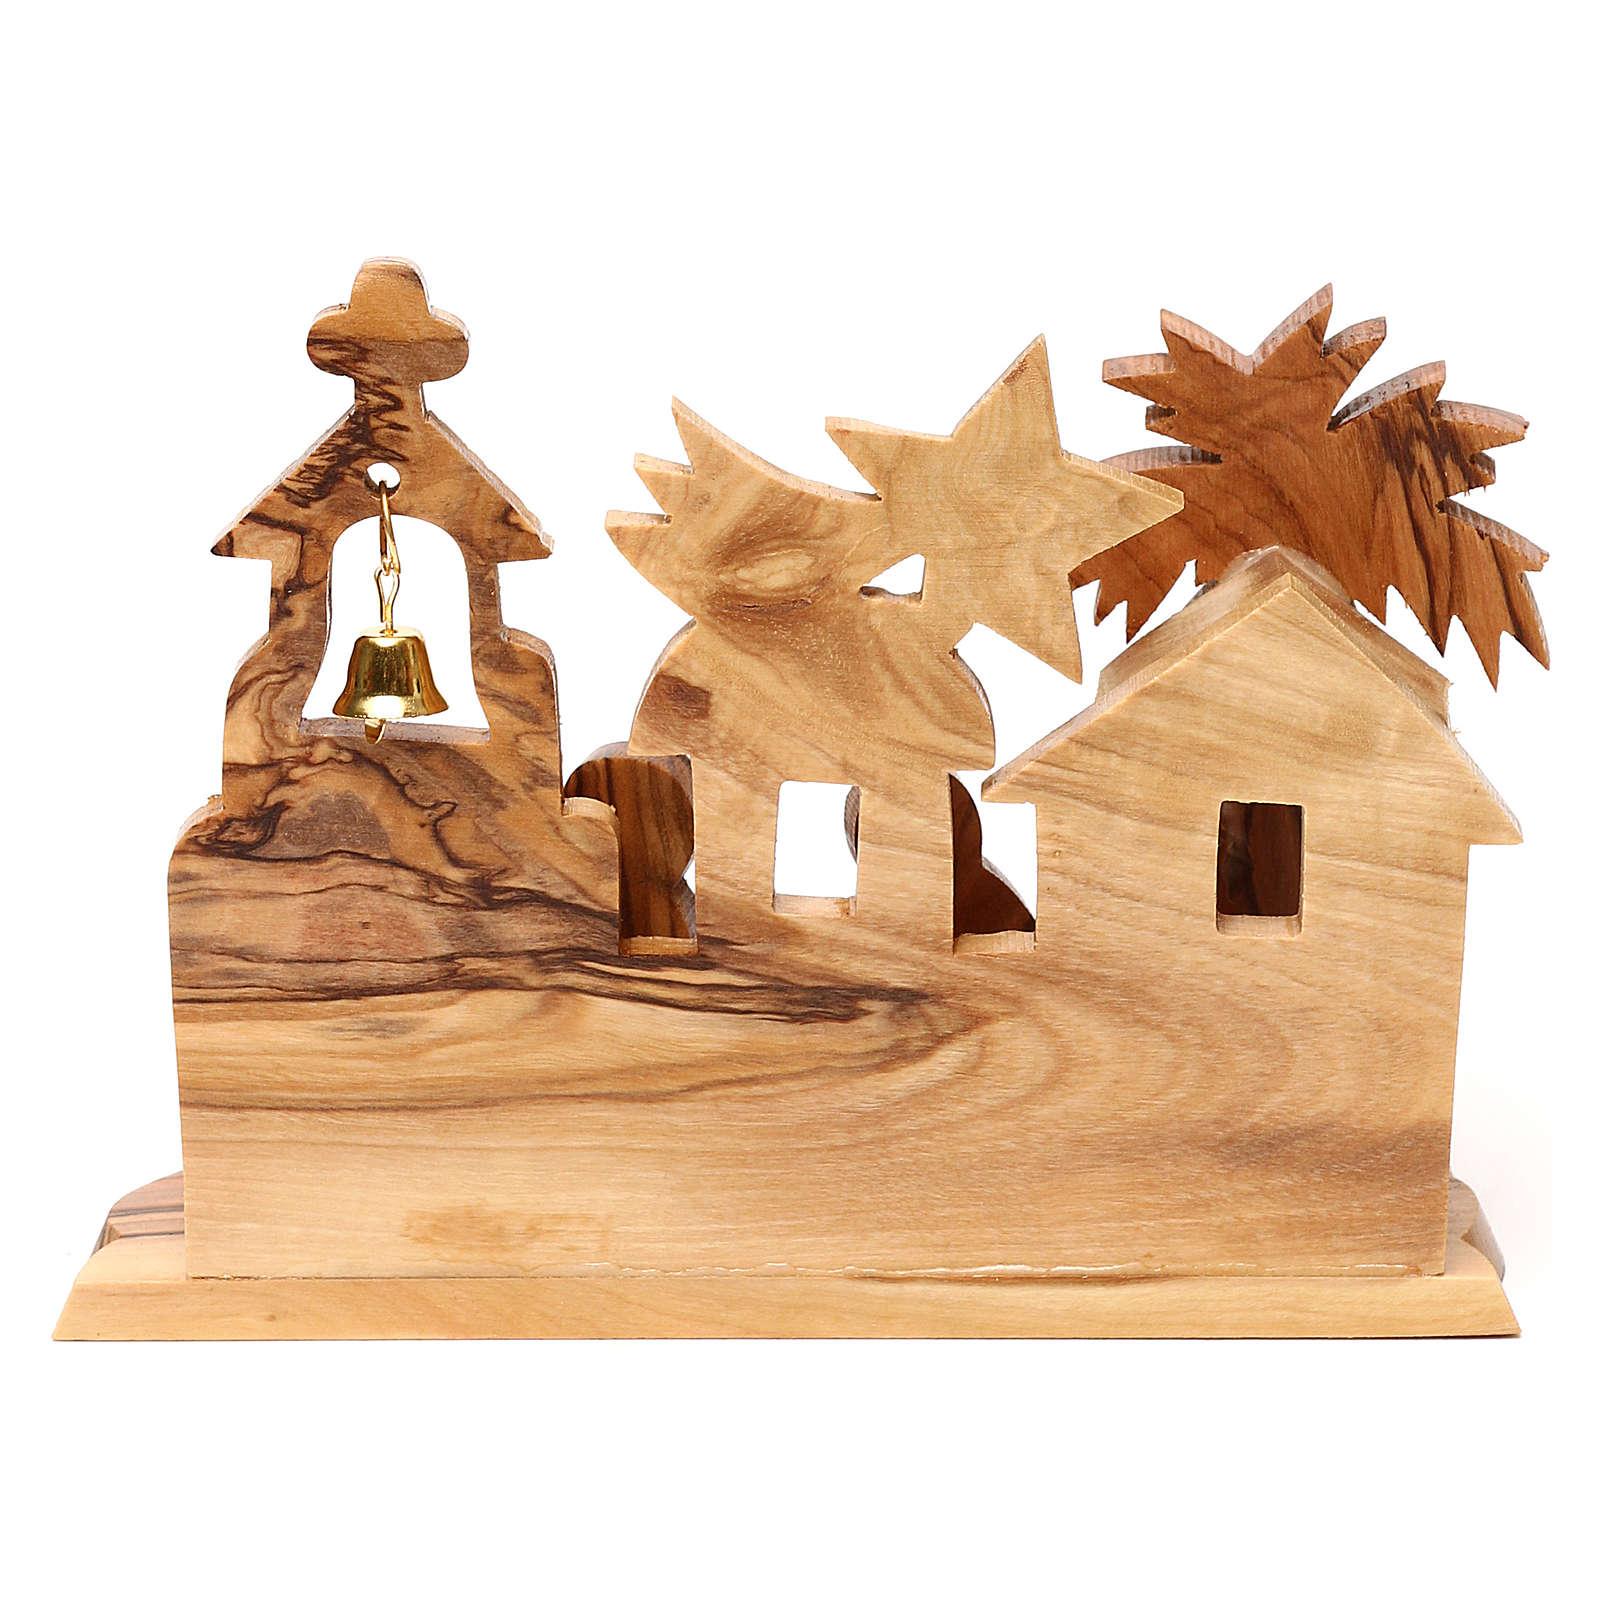 Cabaña con belén e iglesia de olivo de Belén estilizado 10x15x10 cm 4